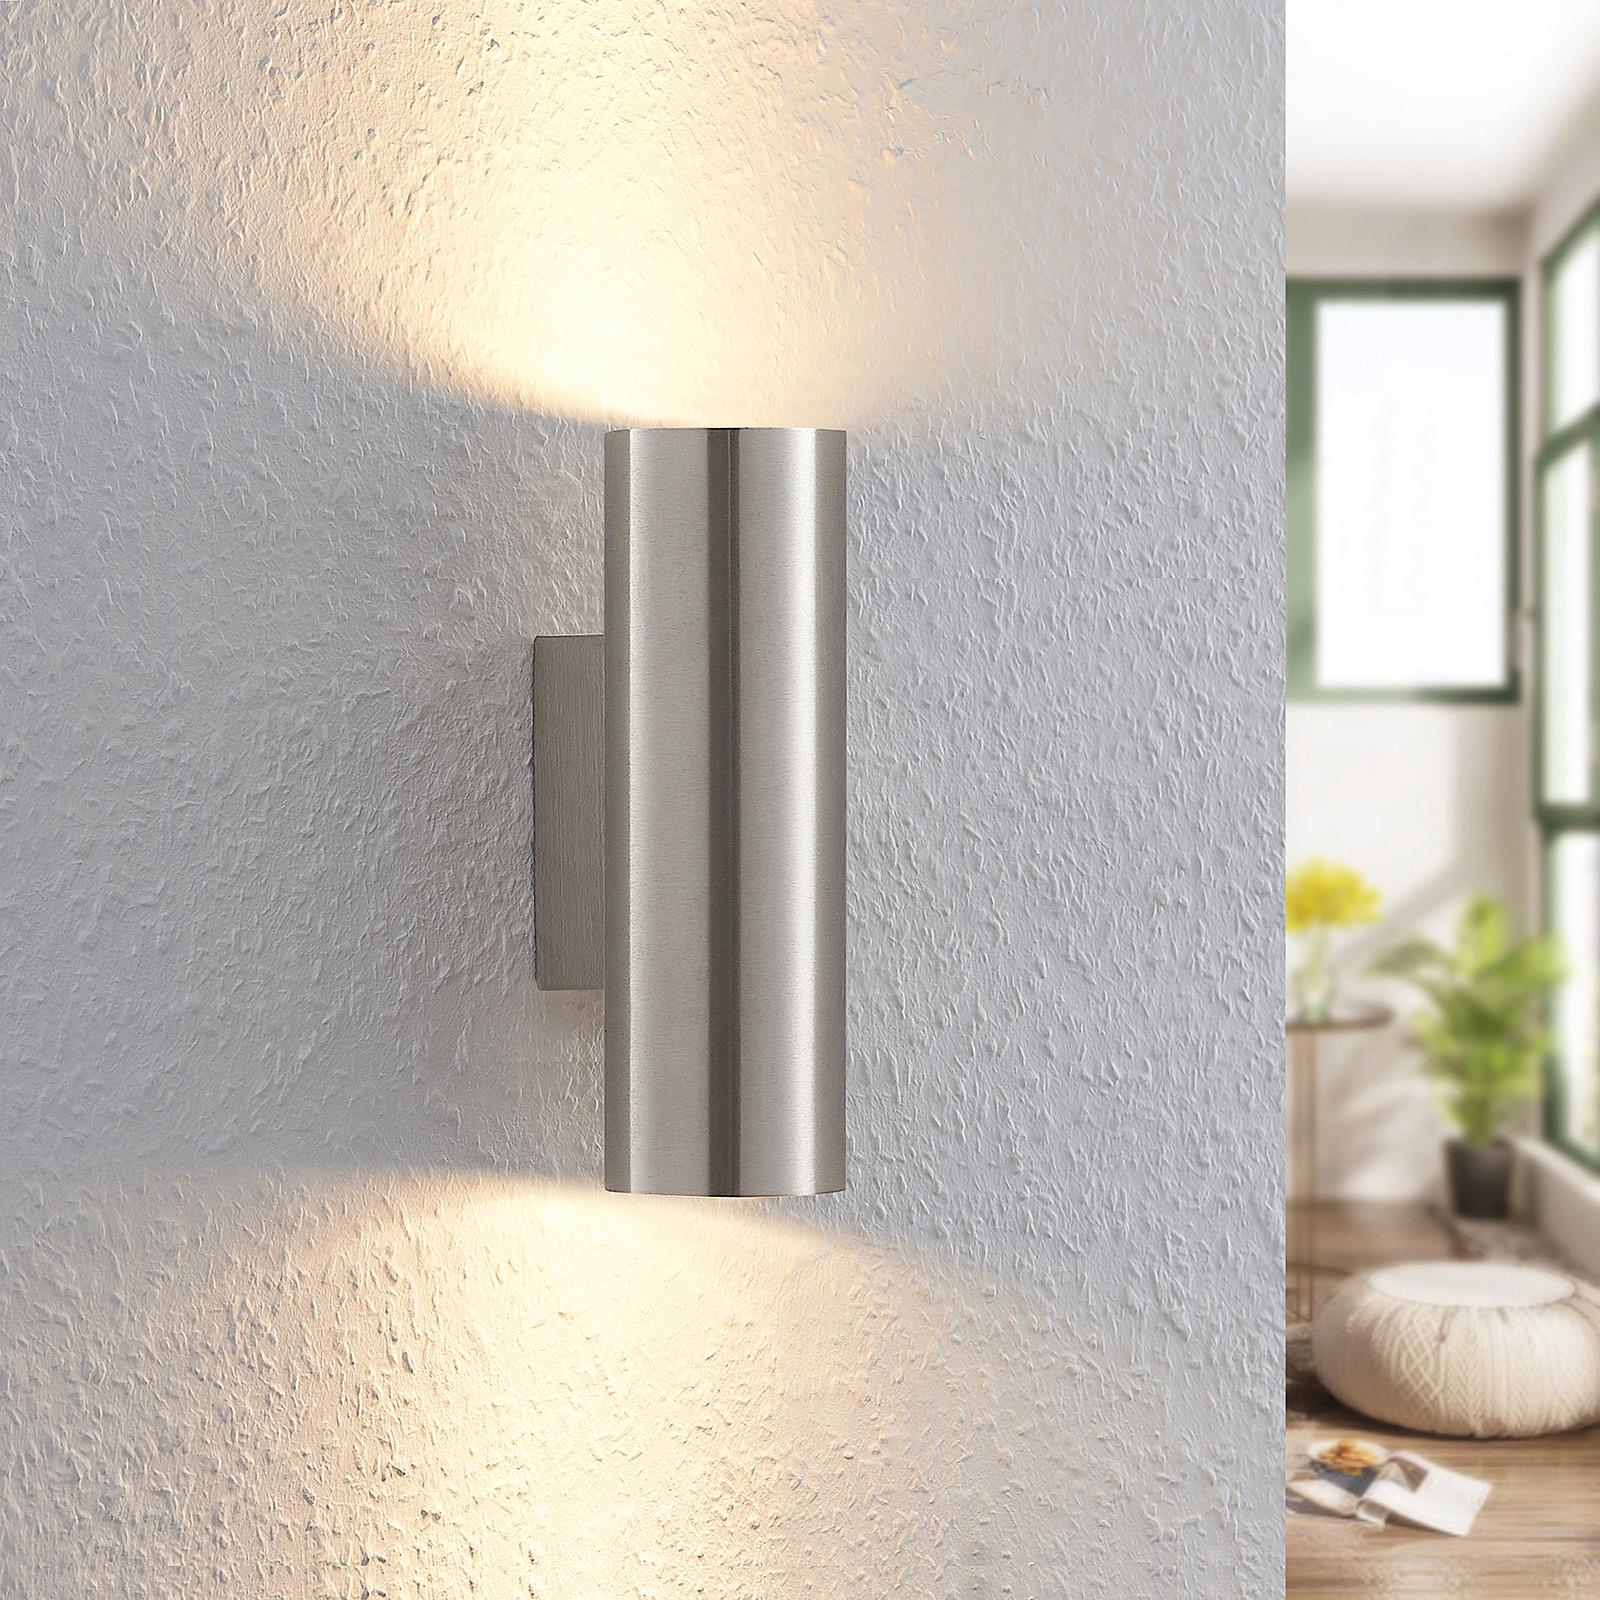 Lindby Ebardo lampa ścienna w kolorze niklu